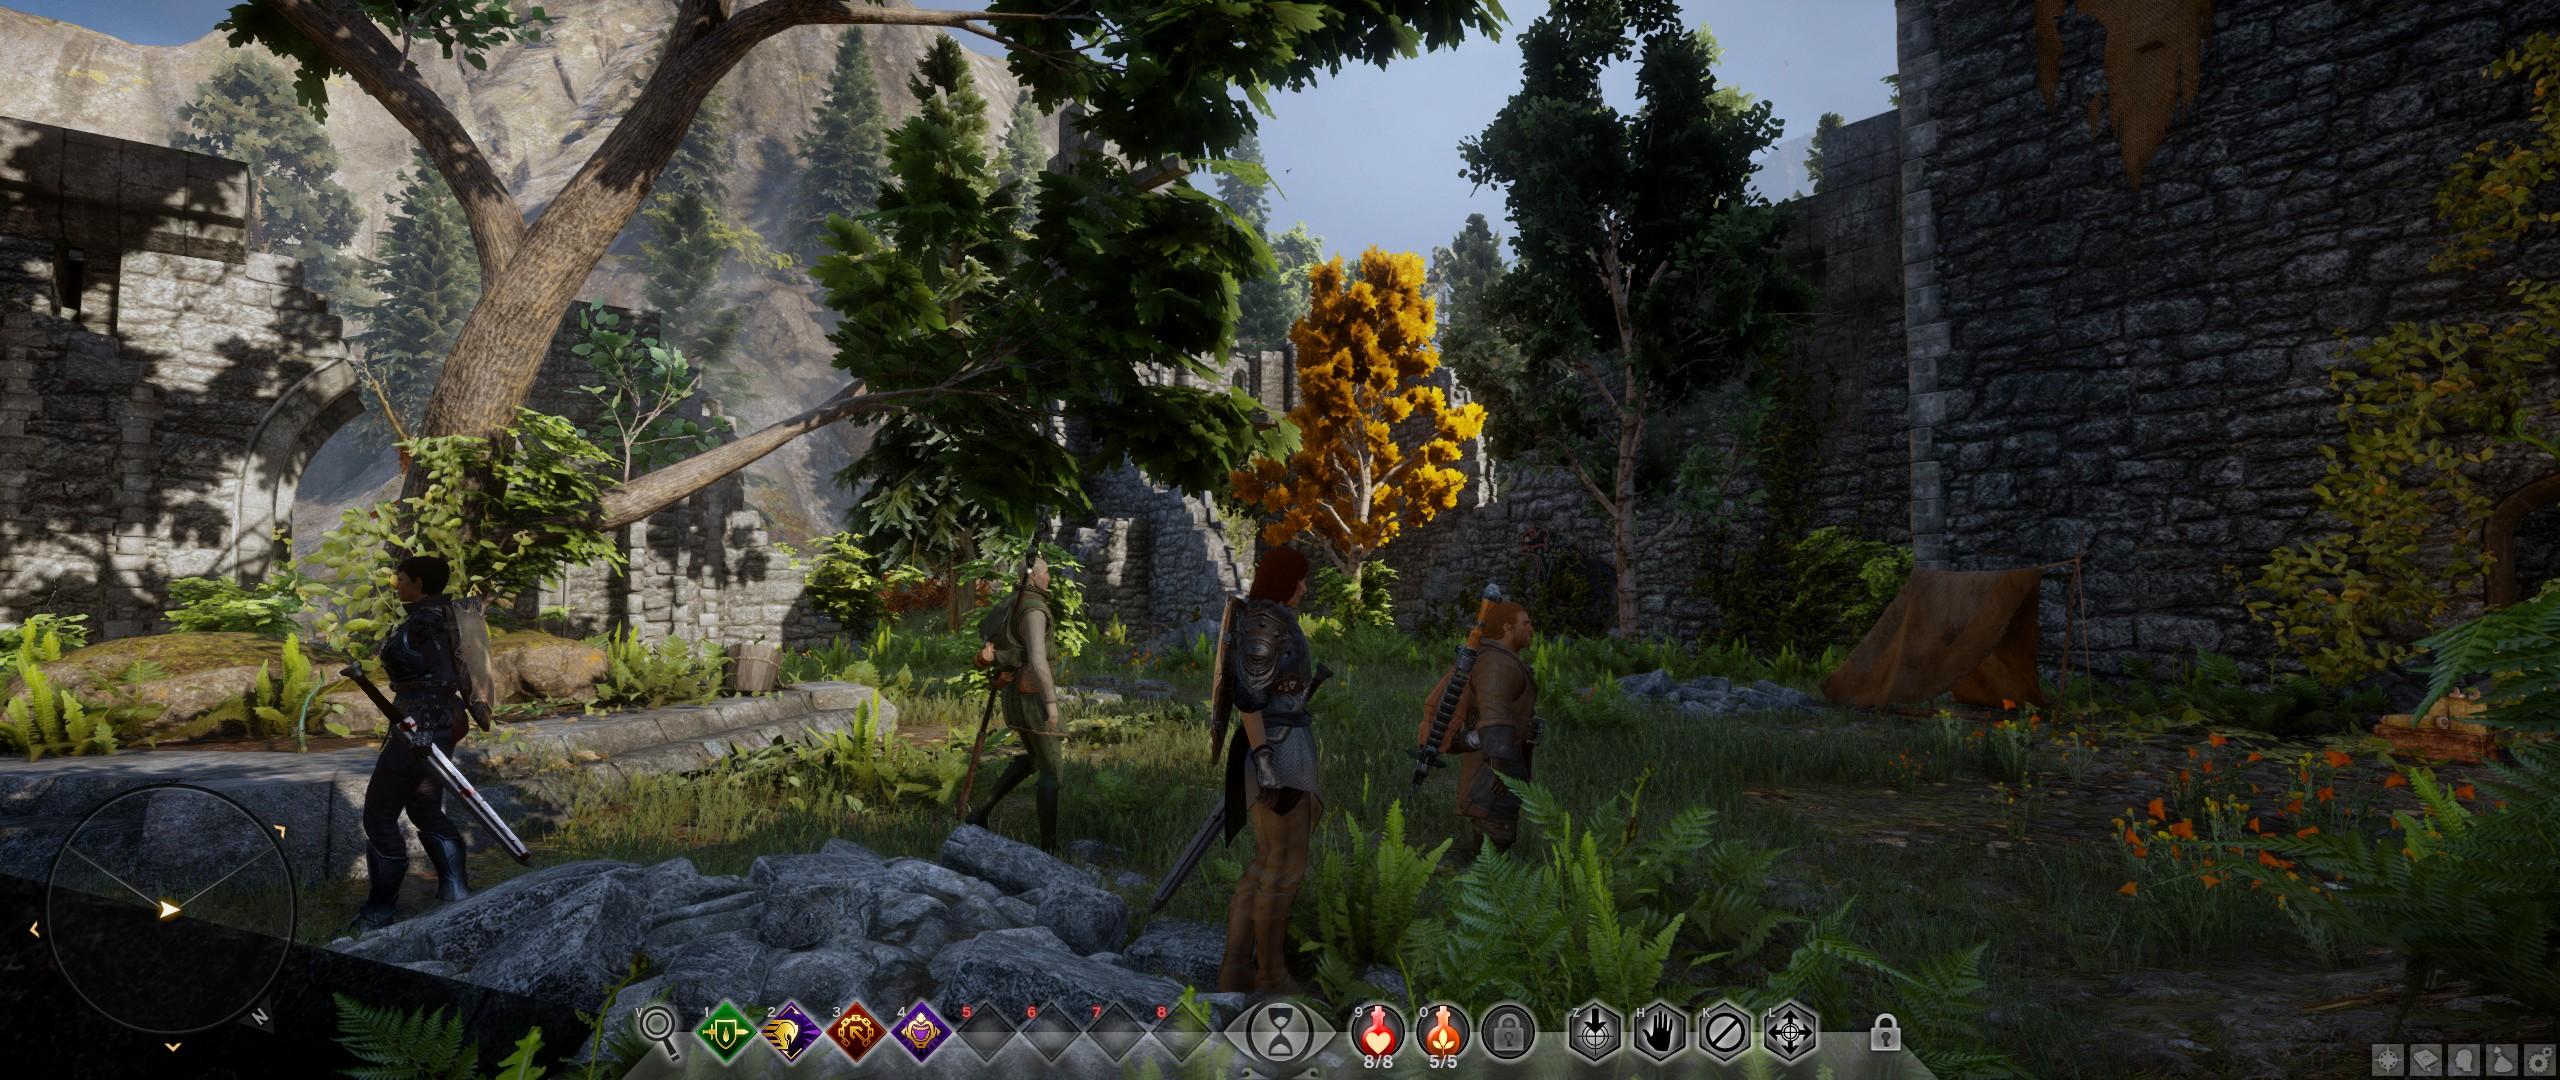 ScreenshotWin32_0008_Final